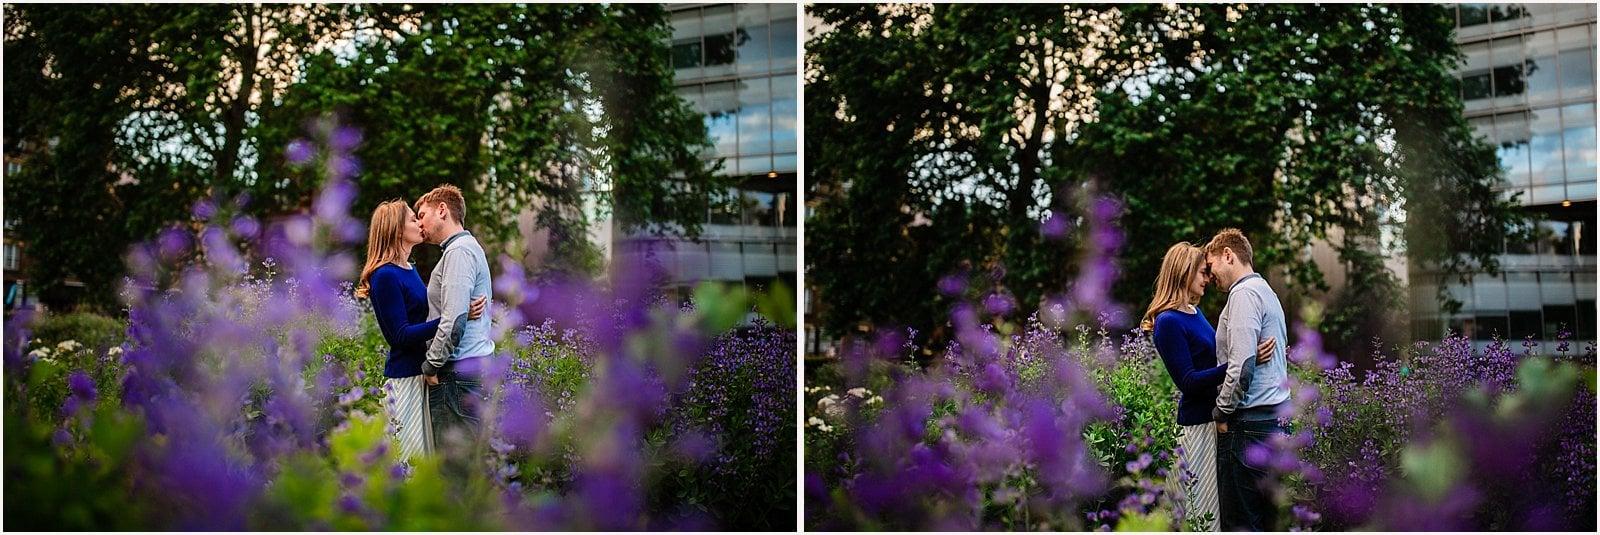 Stunning London Engagement Photos - Ksenia & Iain 13